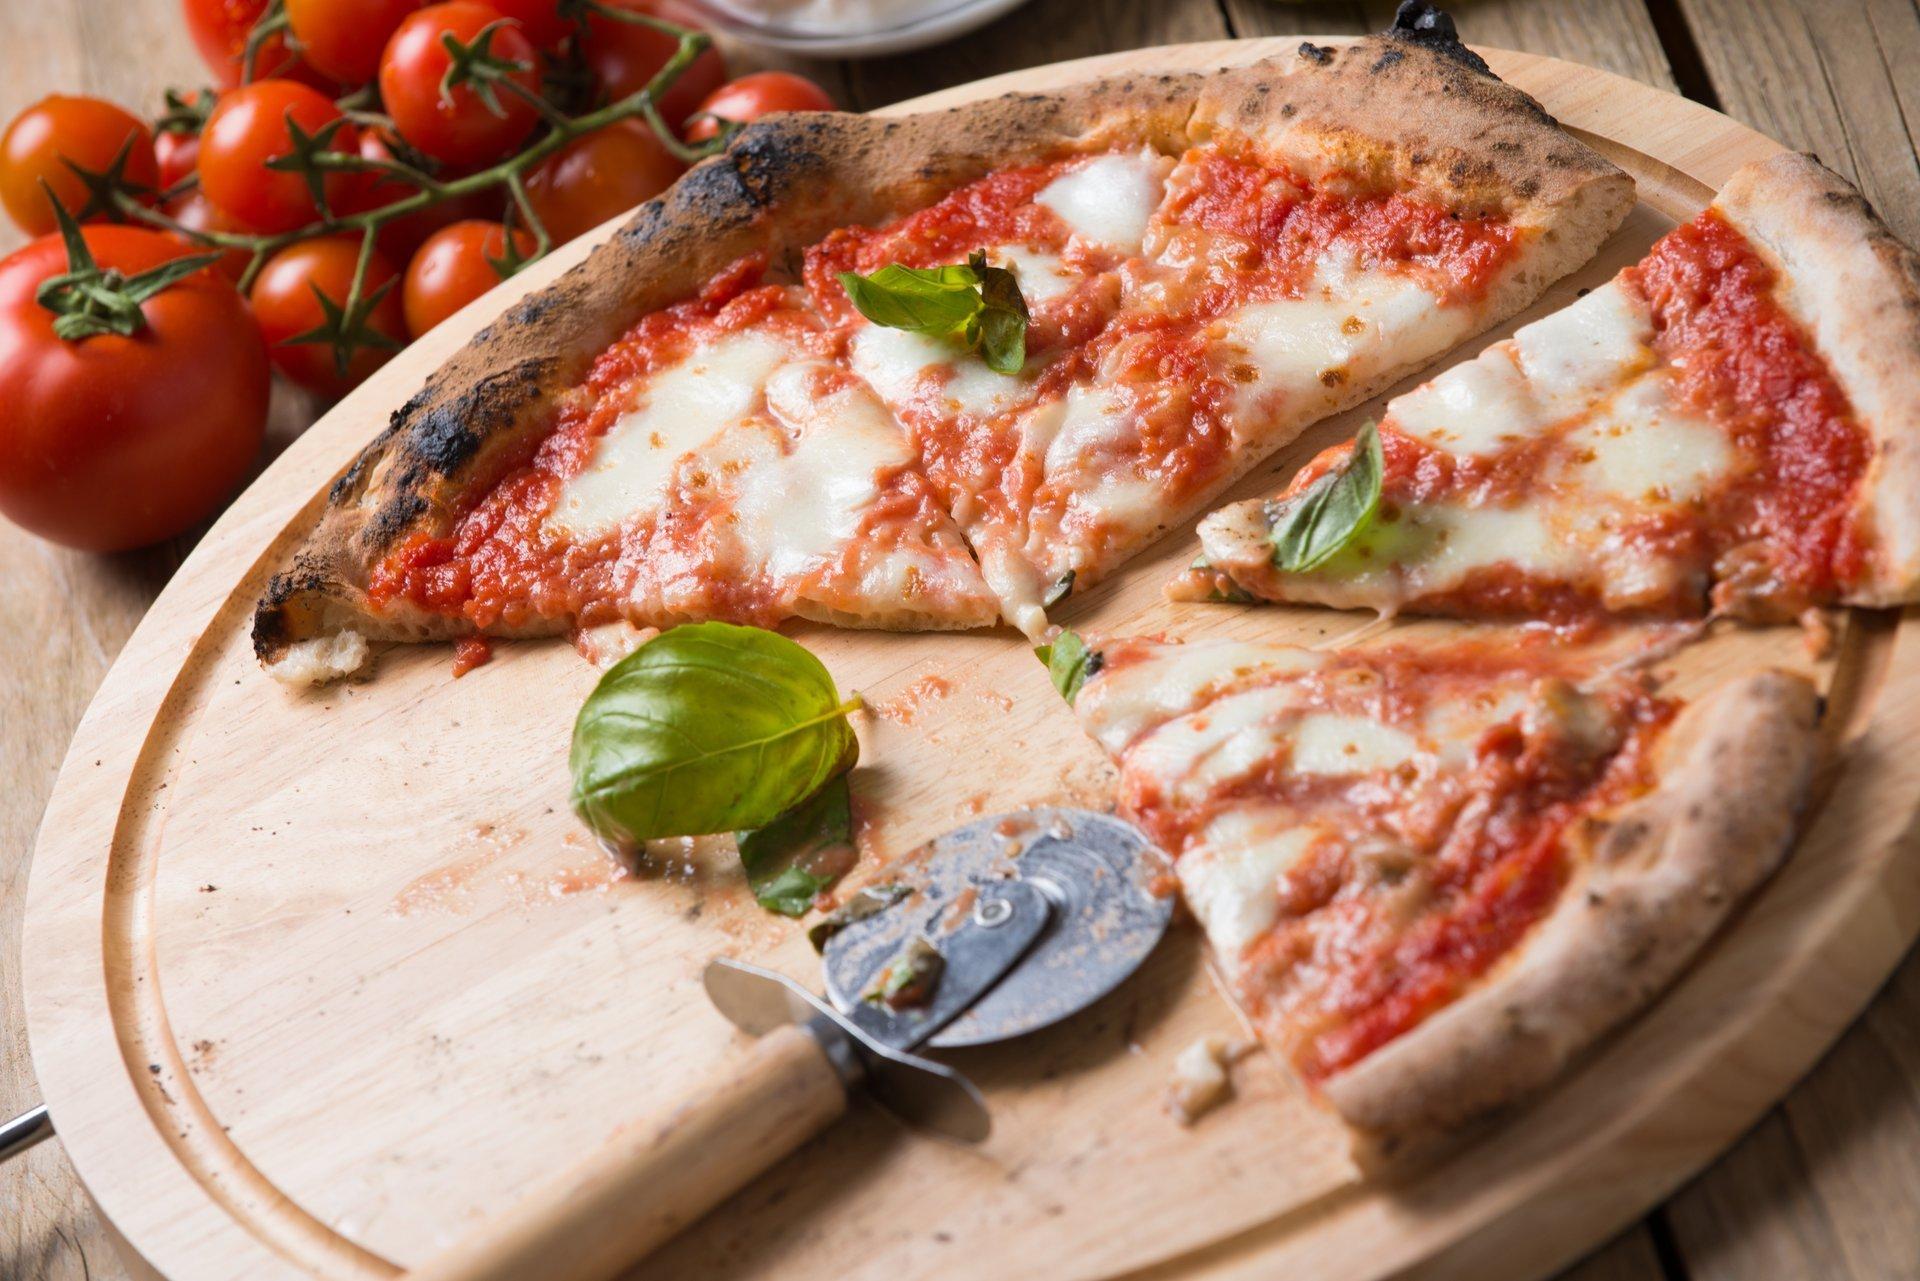 Forno a legna cotto pizza margherita italiana